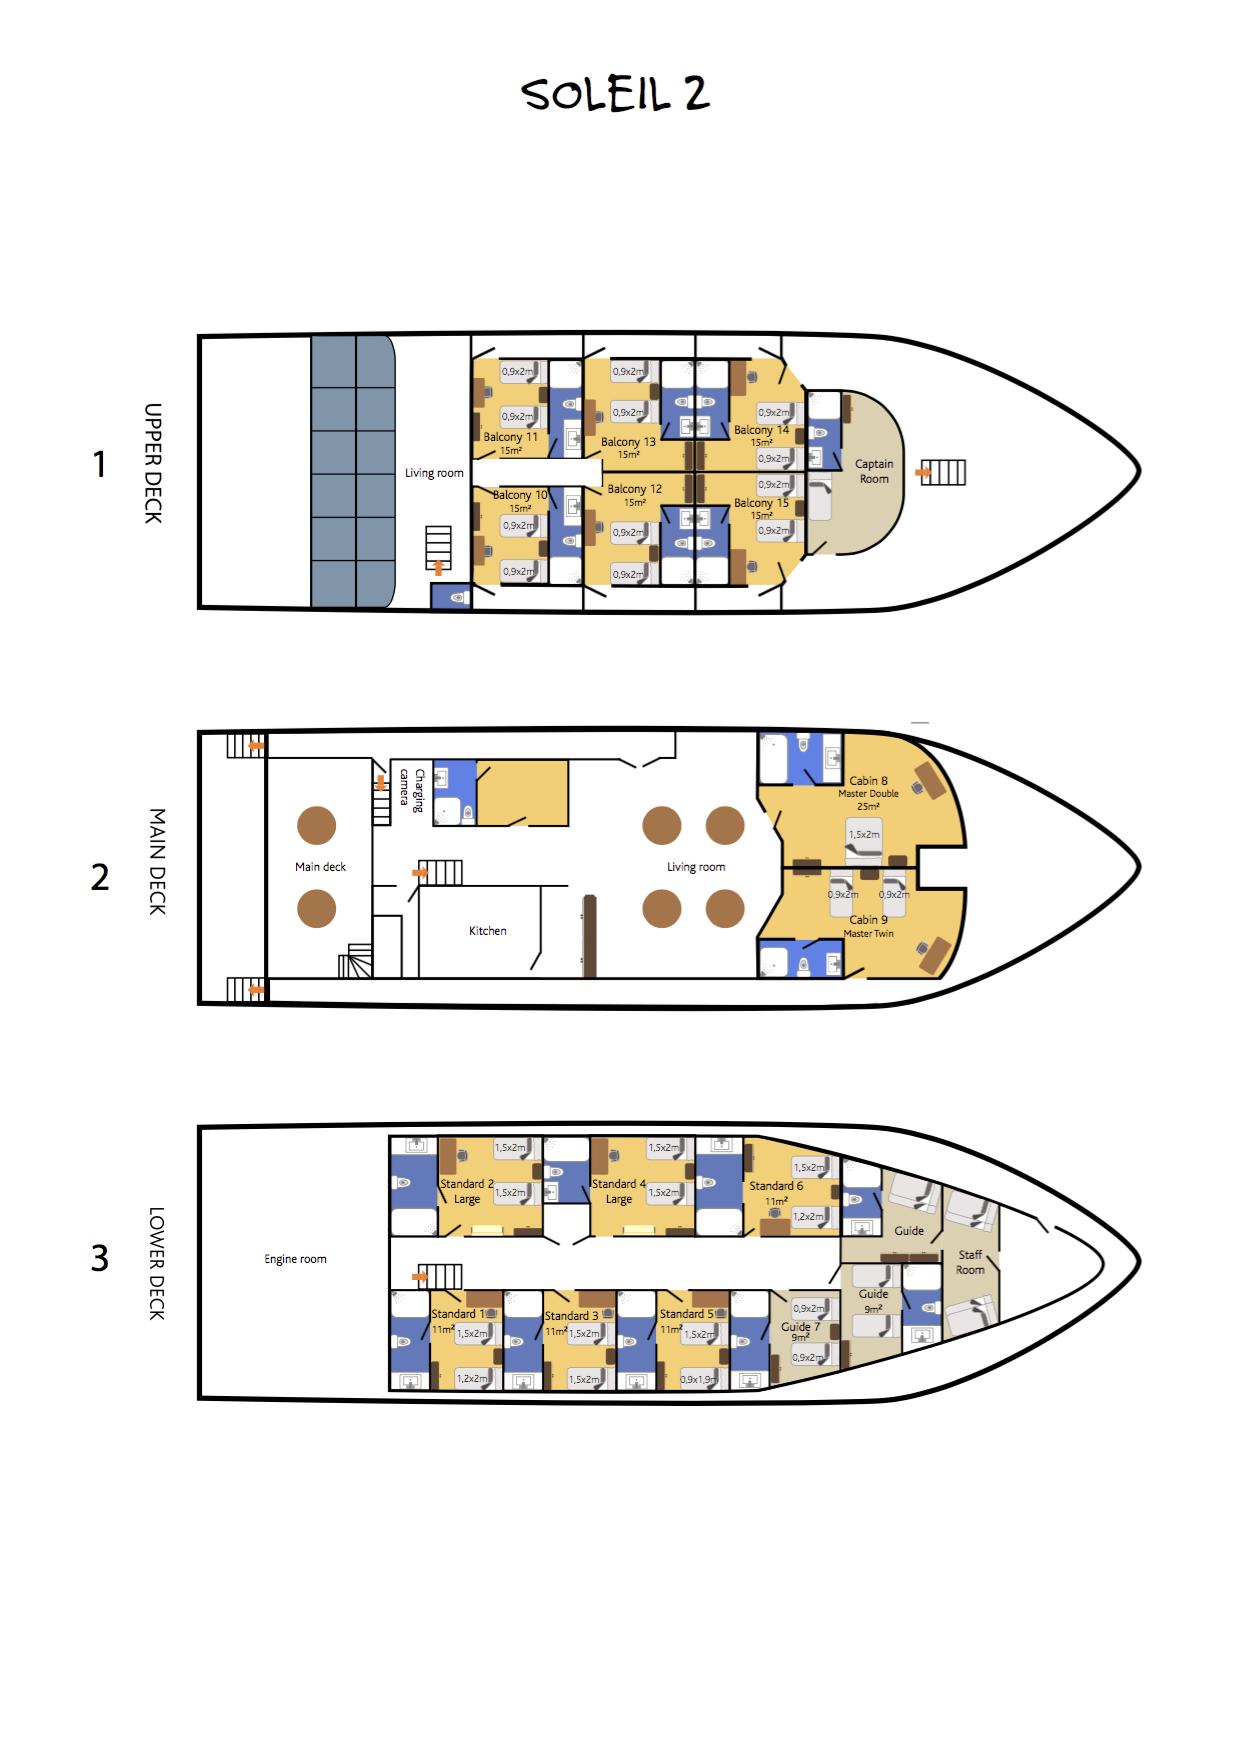 Deck Plan Soleil 2 Liveaboard floorplan